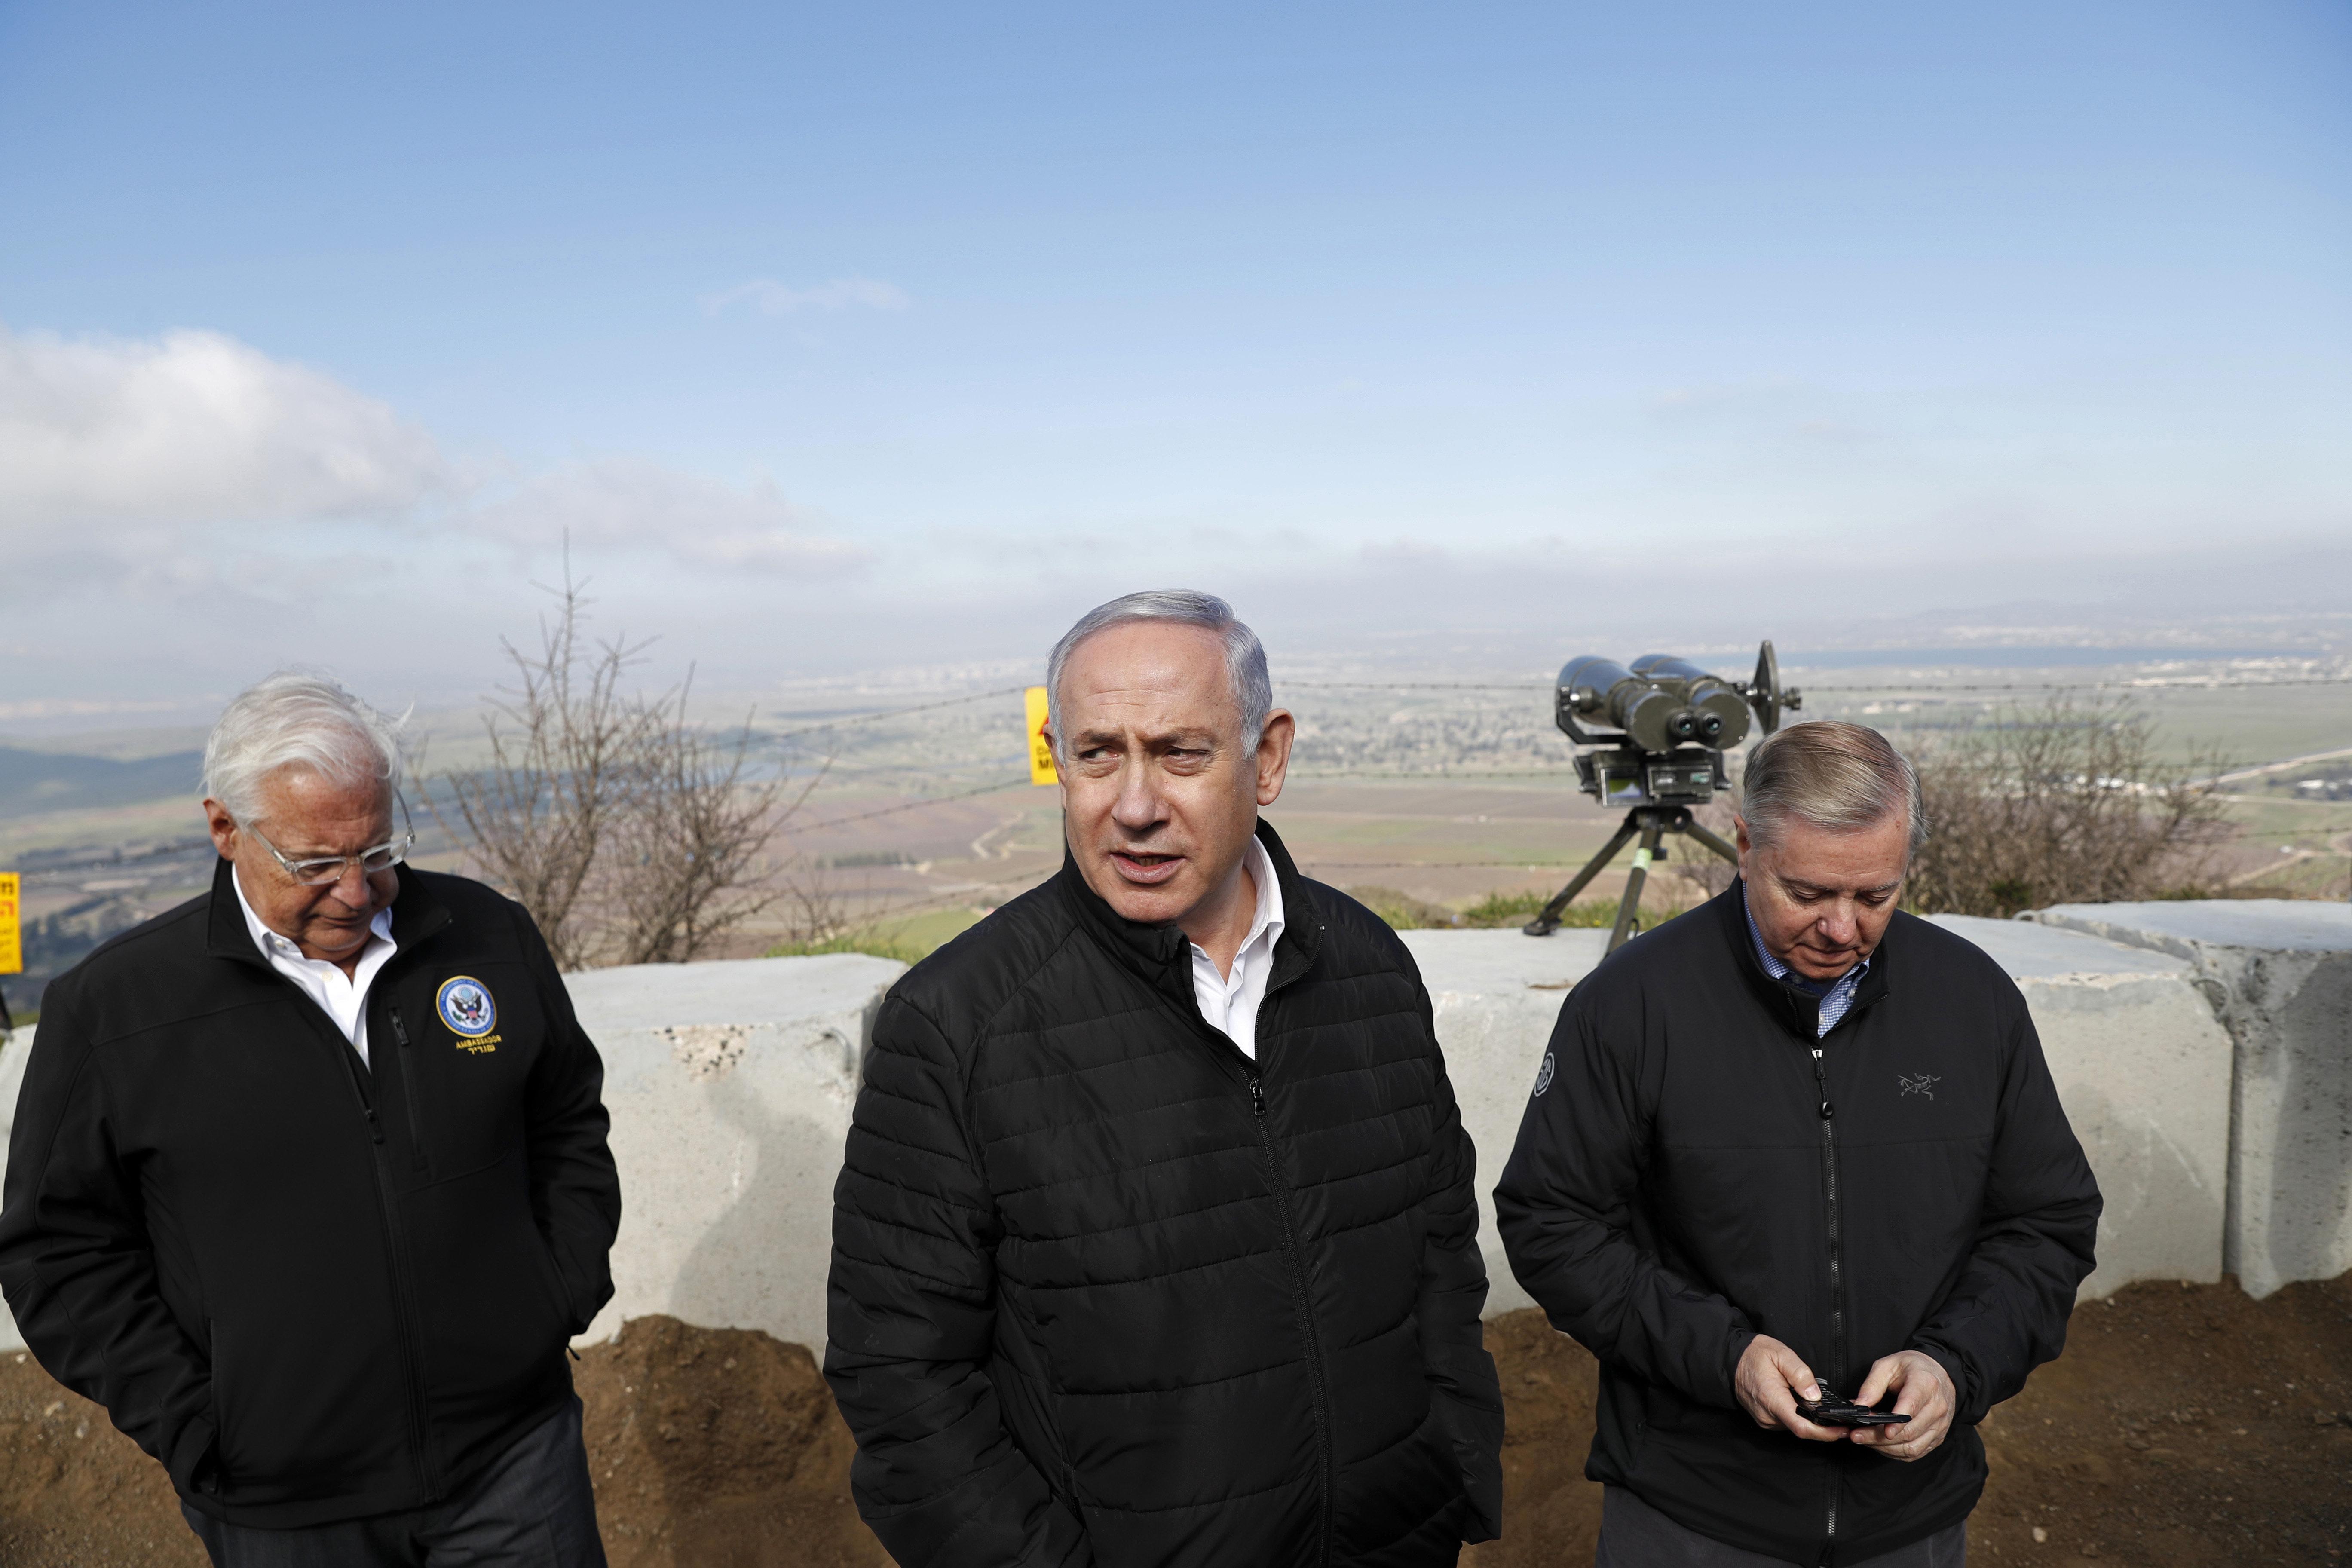 رئيس الوزراء الإسرائيلي بنيامين نتنياهو، في الوسط، والسيناتور الجمهوري ليندزي غراهام، في اليمين، والسفير الأمريكي في إسرائيل ديفيد فريدمان في زيارة للحدود بين إسرائيل وسوريا في منطقة الجولان التي تخضع للسيطرة الإسرائيلية، مارس/آذار 11. (رونين زفولون/بواسطة اسوشيتدبرس)